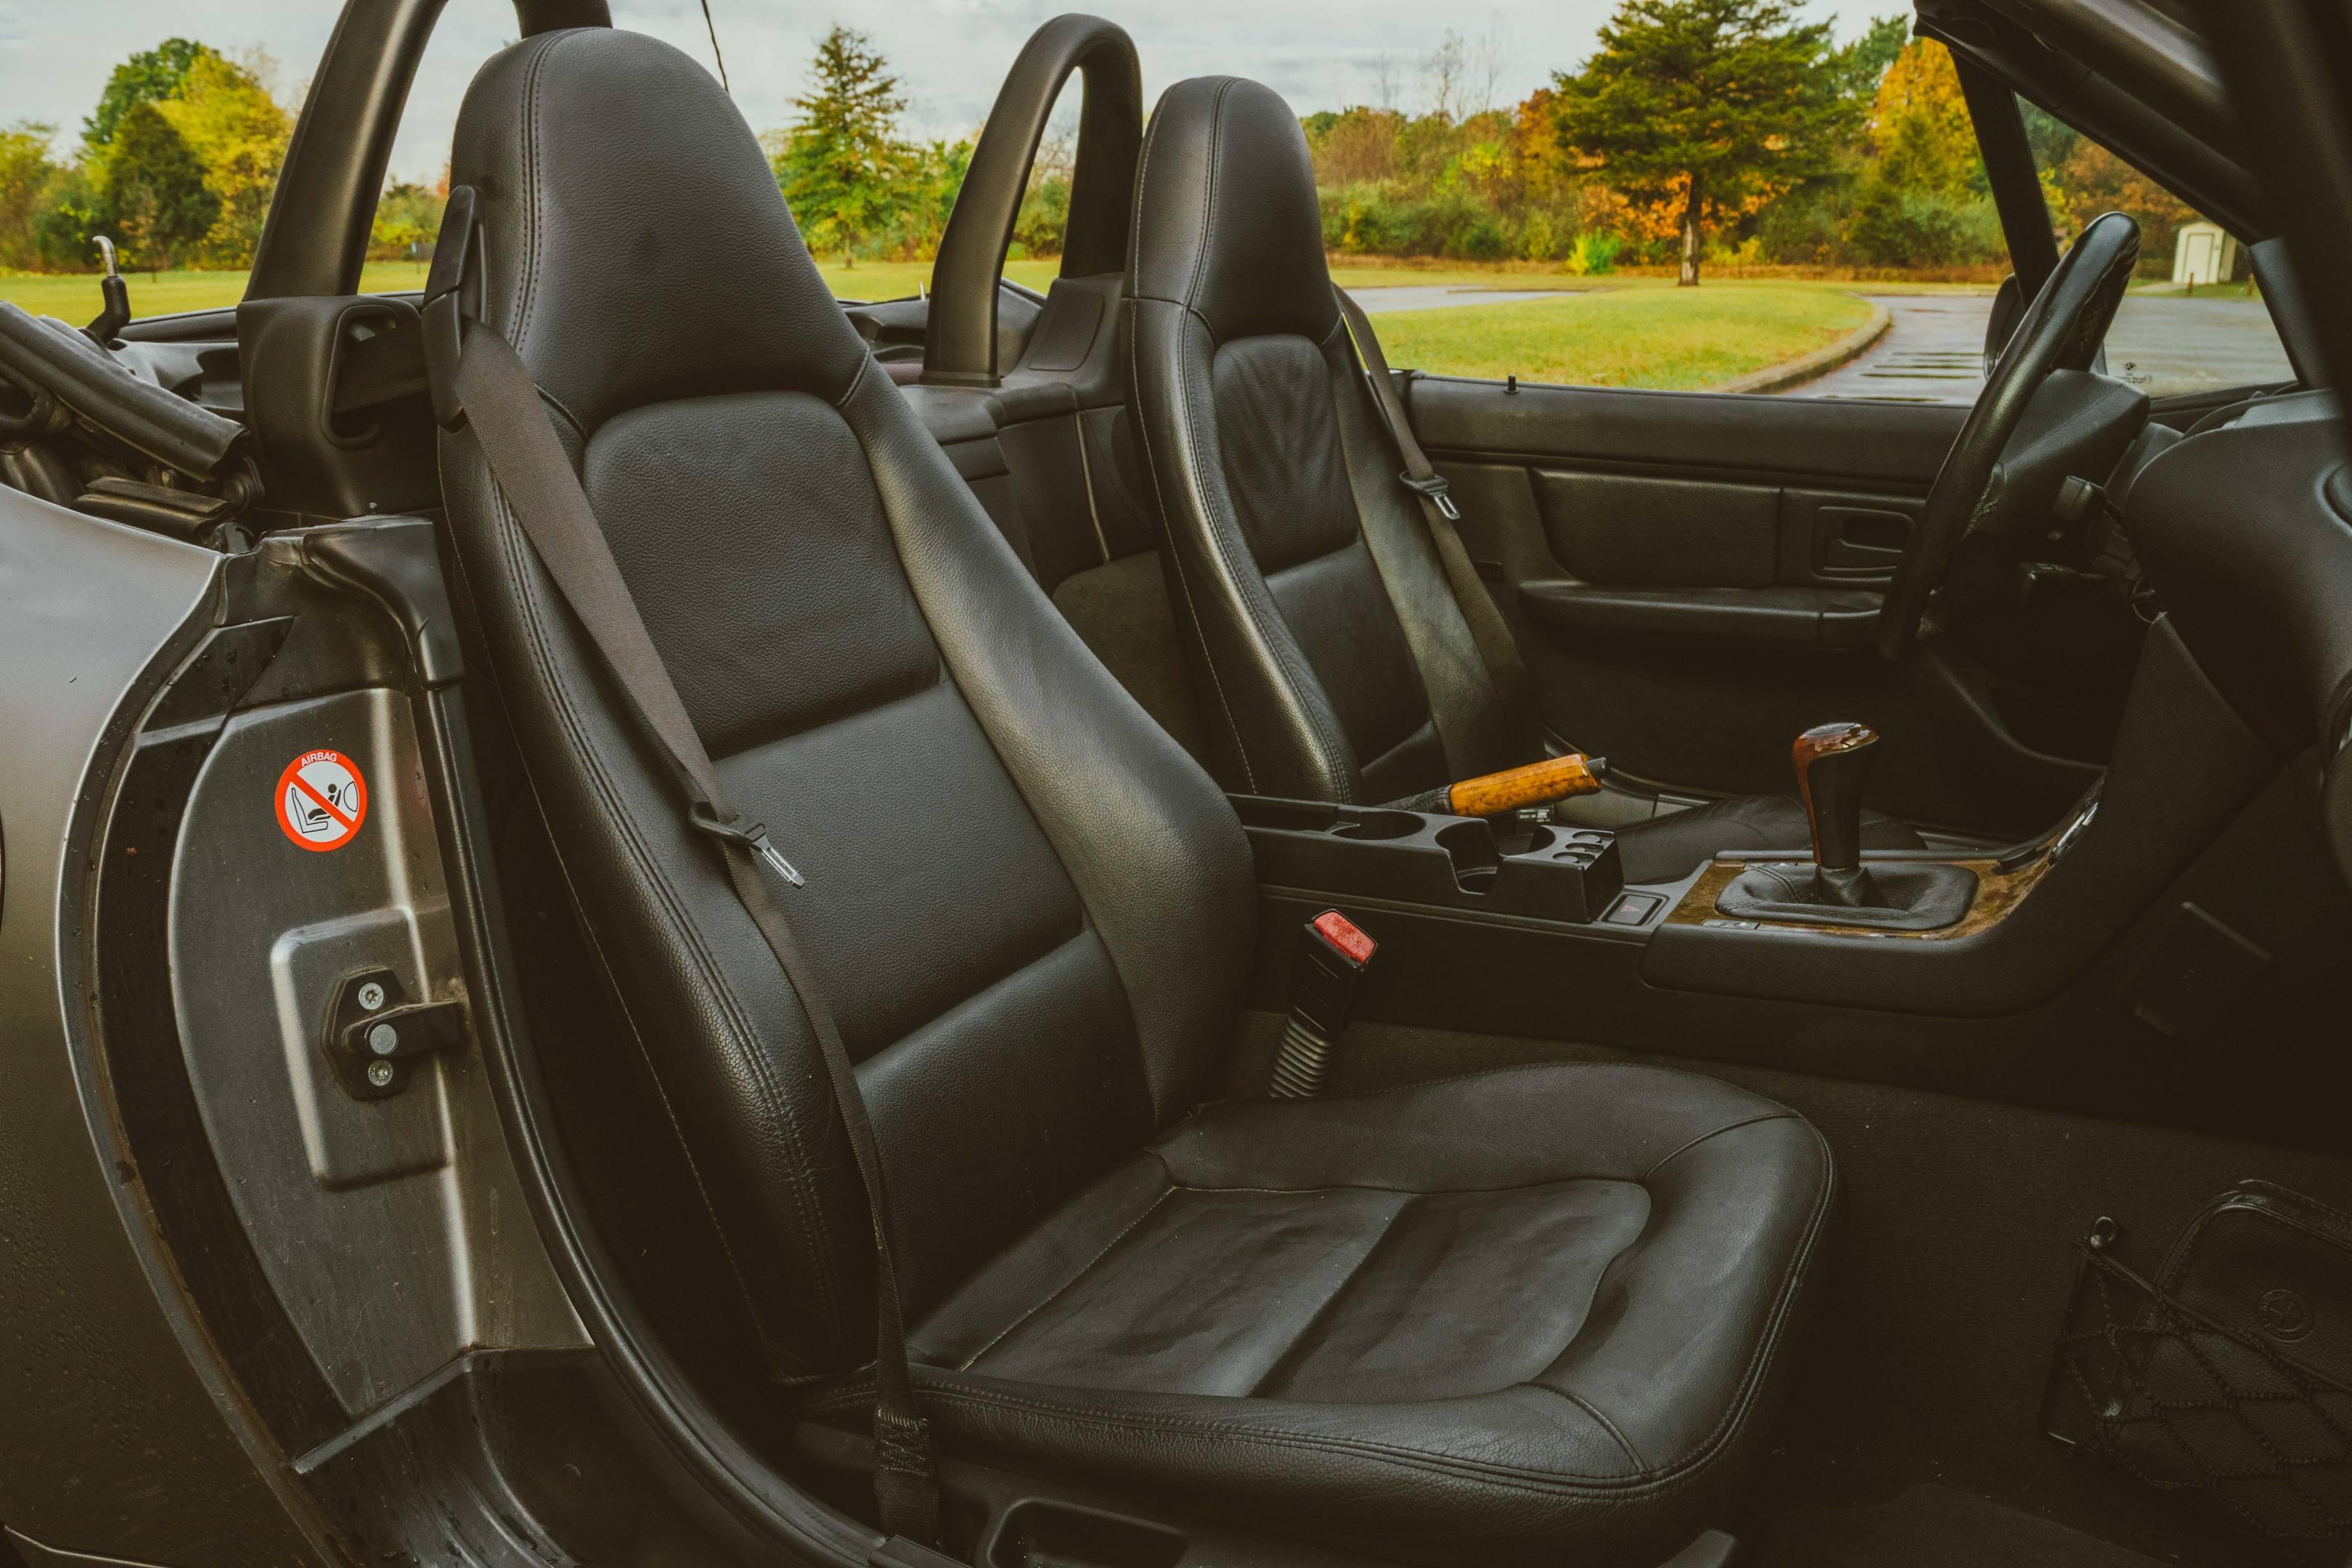 2001 BMW Z3 2.5i seats